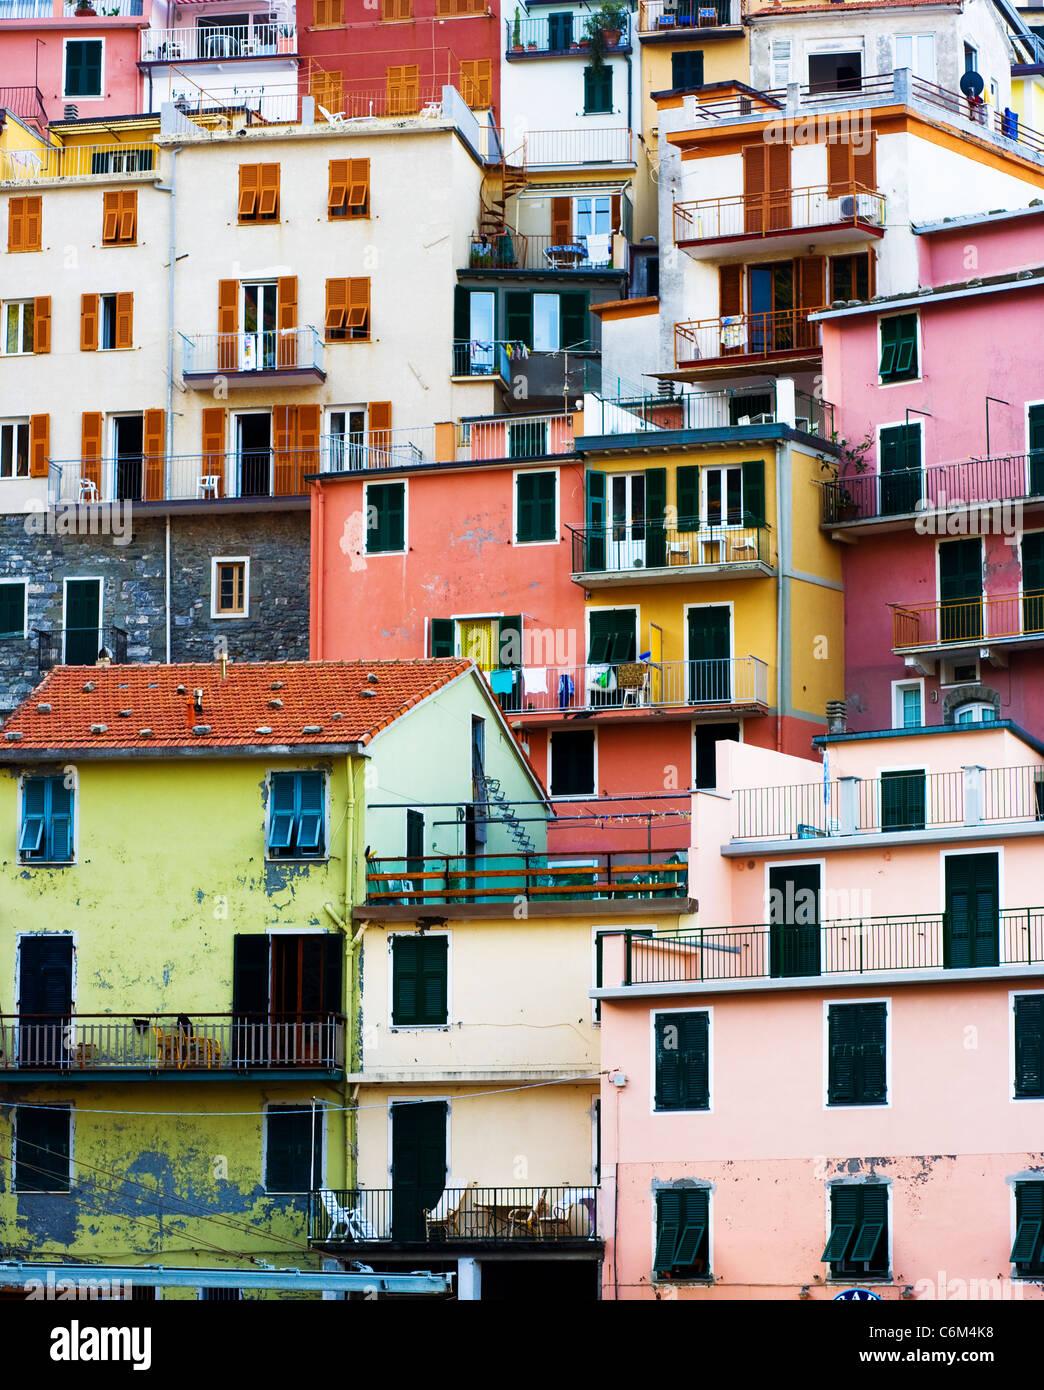 Gli edifici colorati in Cinque Terre, Italia. Immagini Stock